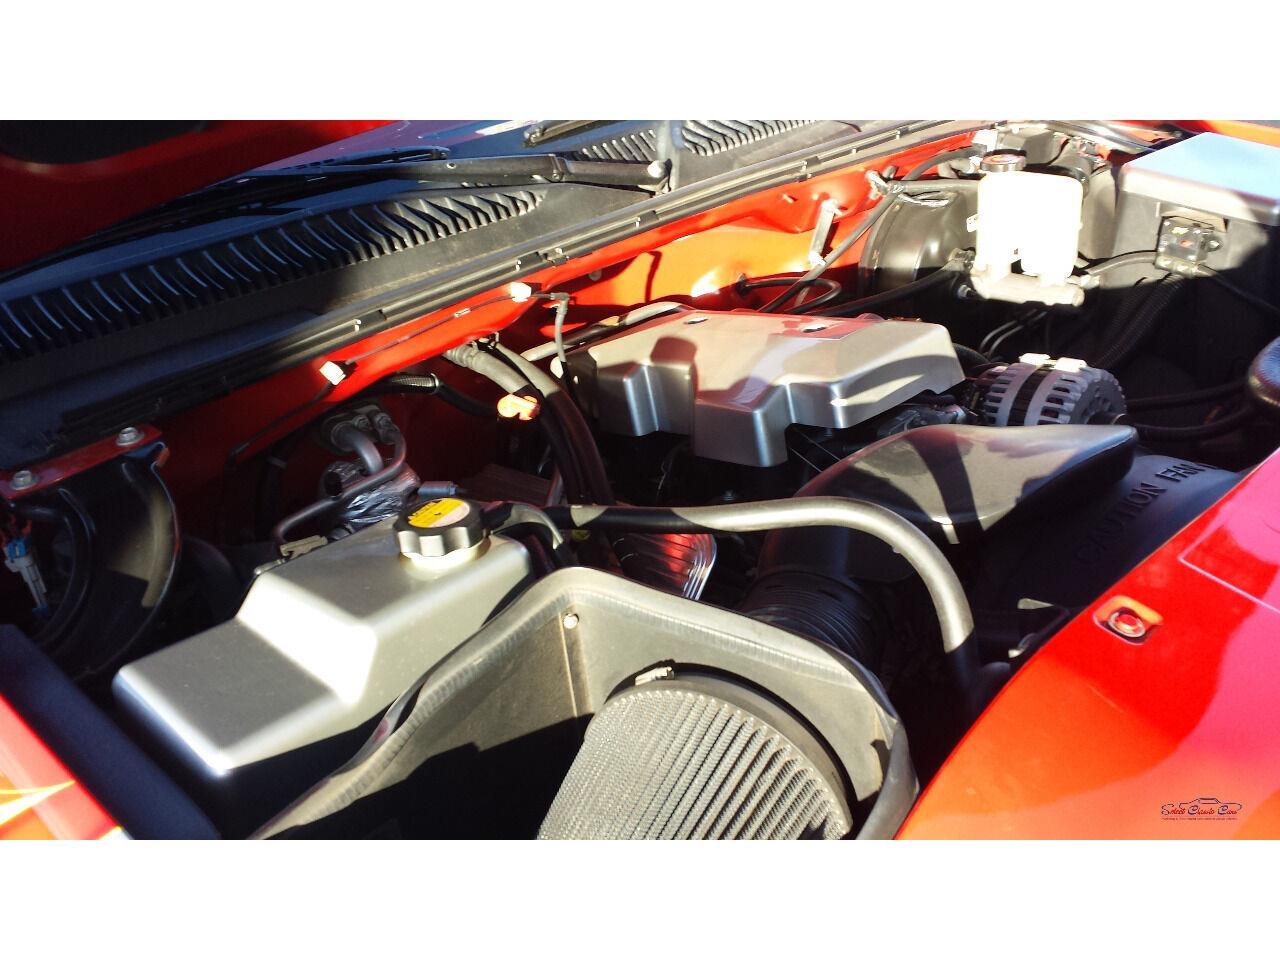 2000 Chevrolet Silverado (CC-1262798) for sale in Hiram, Georgia